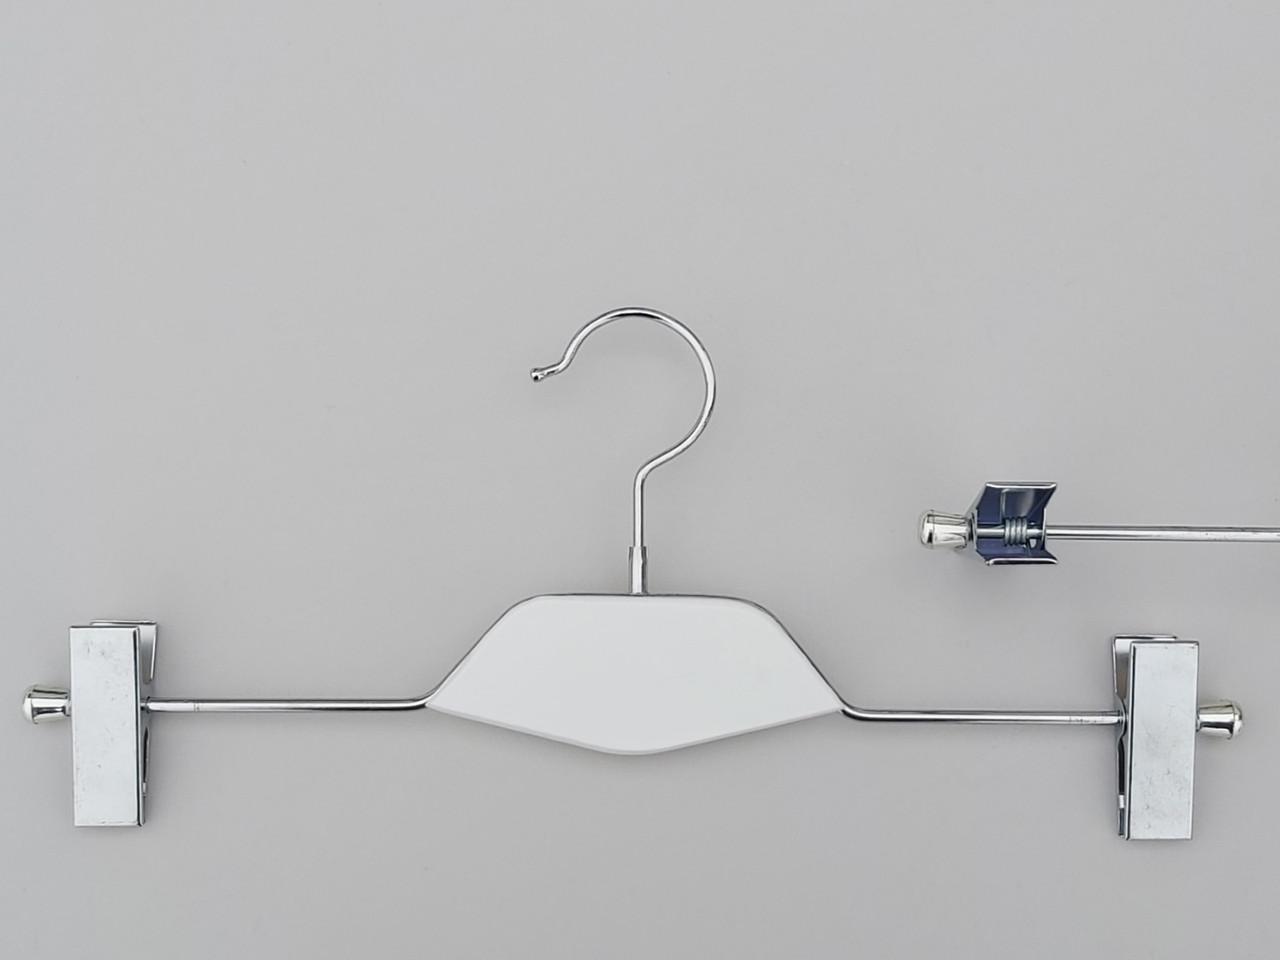 Плічка довжиною 35 см металеві з прищіпками затискачами для брюк та спідниць з вставкою з дерева білого кольору